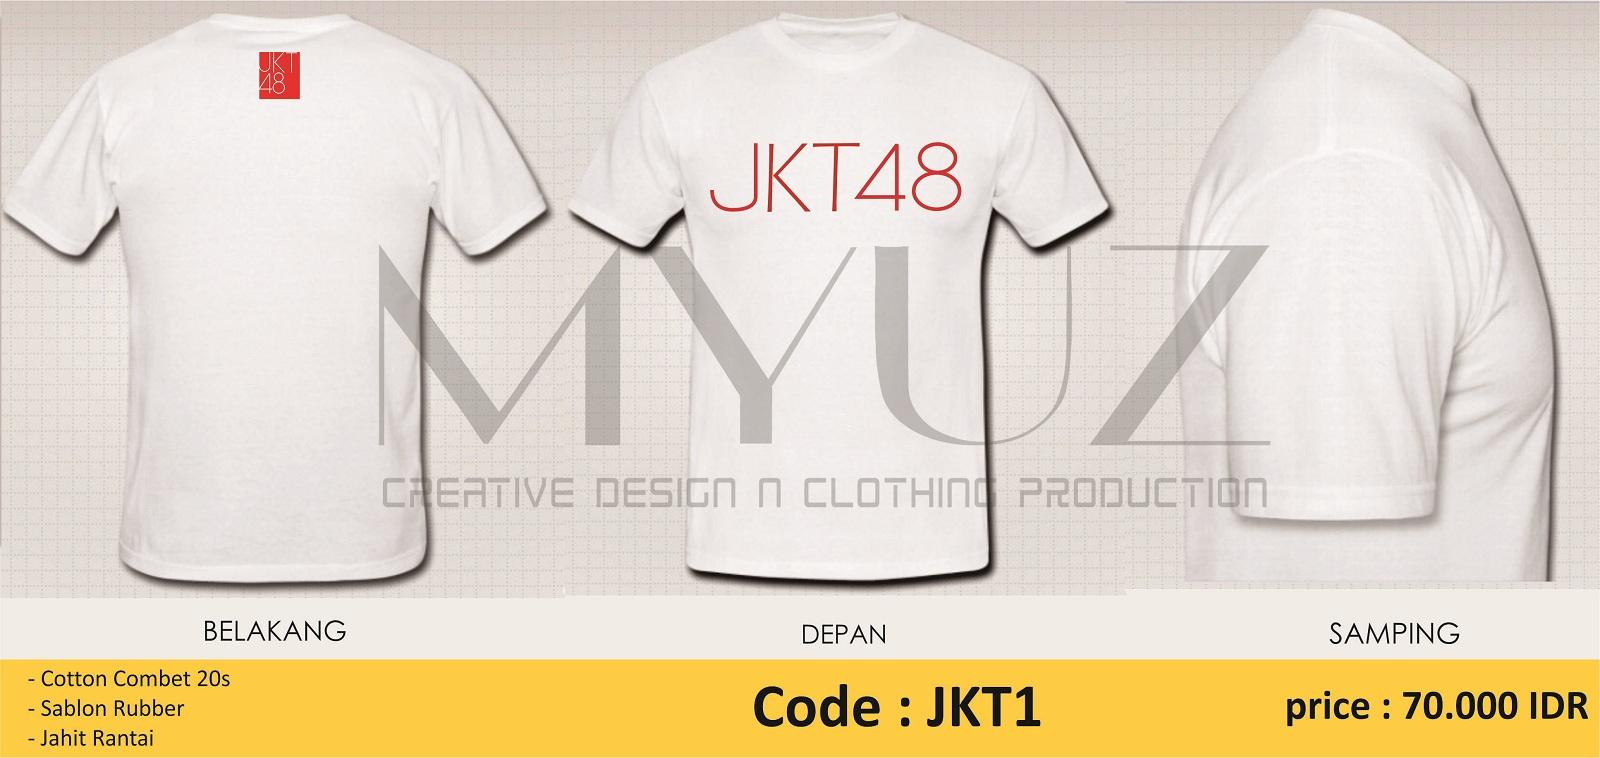 Desain t shirt jkt48 - Desain T Shirt Jkt48 Kaos T Shirt Jkt48